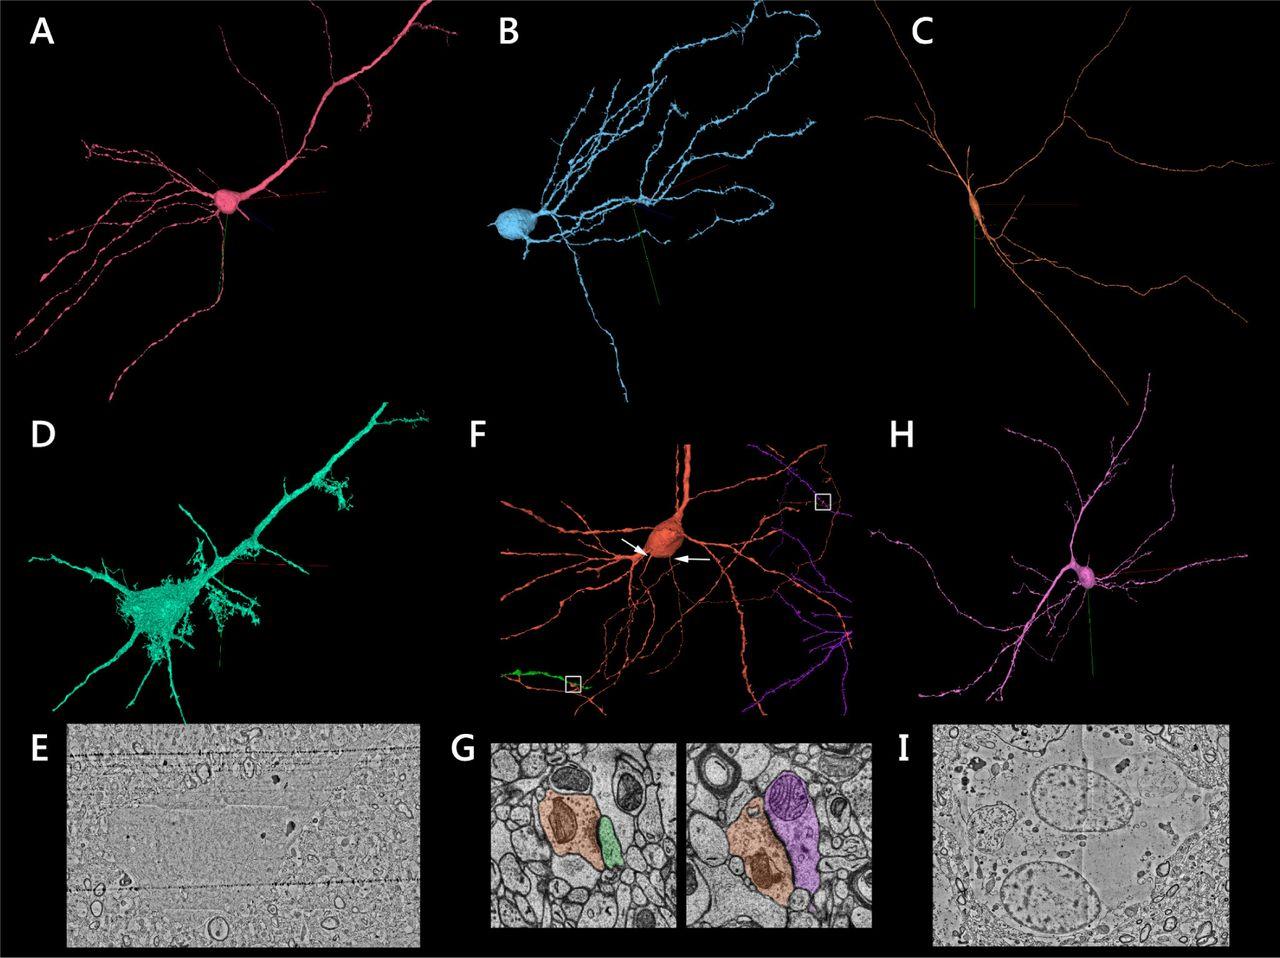 (A) Нейрон пирамидальной формы, почти лишённый шипов. (B) Нейрон с морфологией интернейронов, но с множеством шиповидных выступов на дендритах. (C) Редкий интернейрон, проходящий горизонтально (по касательной) через набор данных. (D) и (E) Пример «тёмной» клетки в ткани, имеющей морфологию пирамидных клеток. (F) Нейрон с двумя отдельными аксонами, выходящих из сомы (белые стрелки). Оба образуют исходящие синапсы (в прямоугольниках), показанных в (G). (H) Нейрон с необычным дендритным деревом (тело клетки смещено в сторону). (I) Поперечное сечение тела клетки астроцита с двумя ядрами.